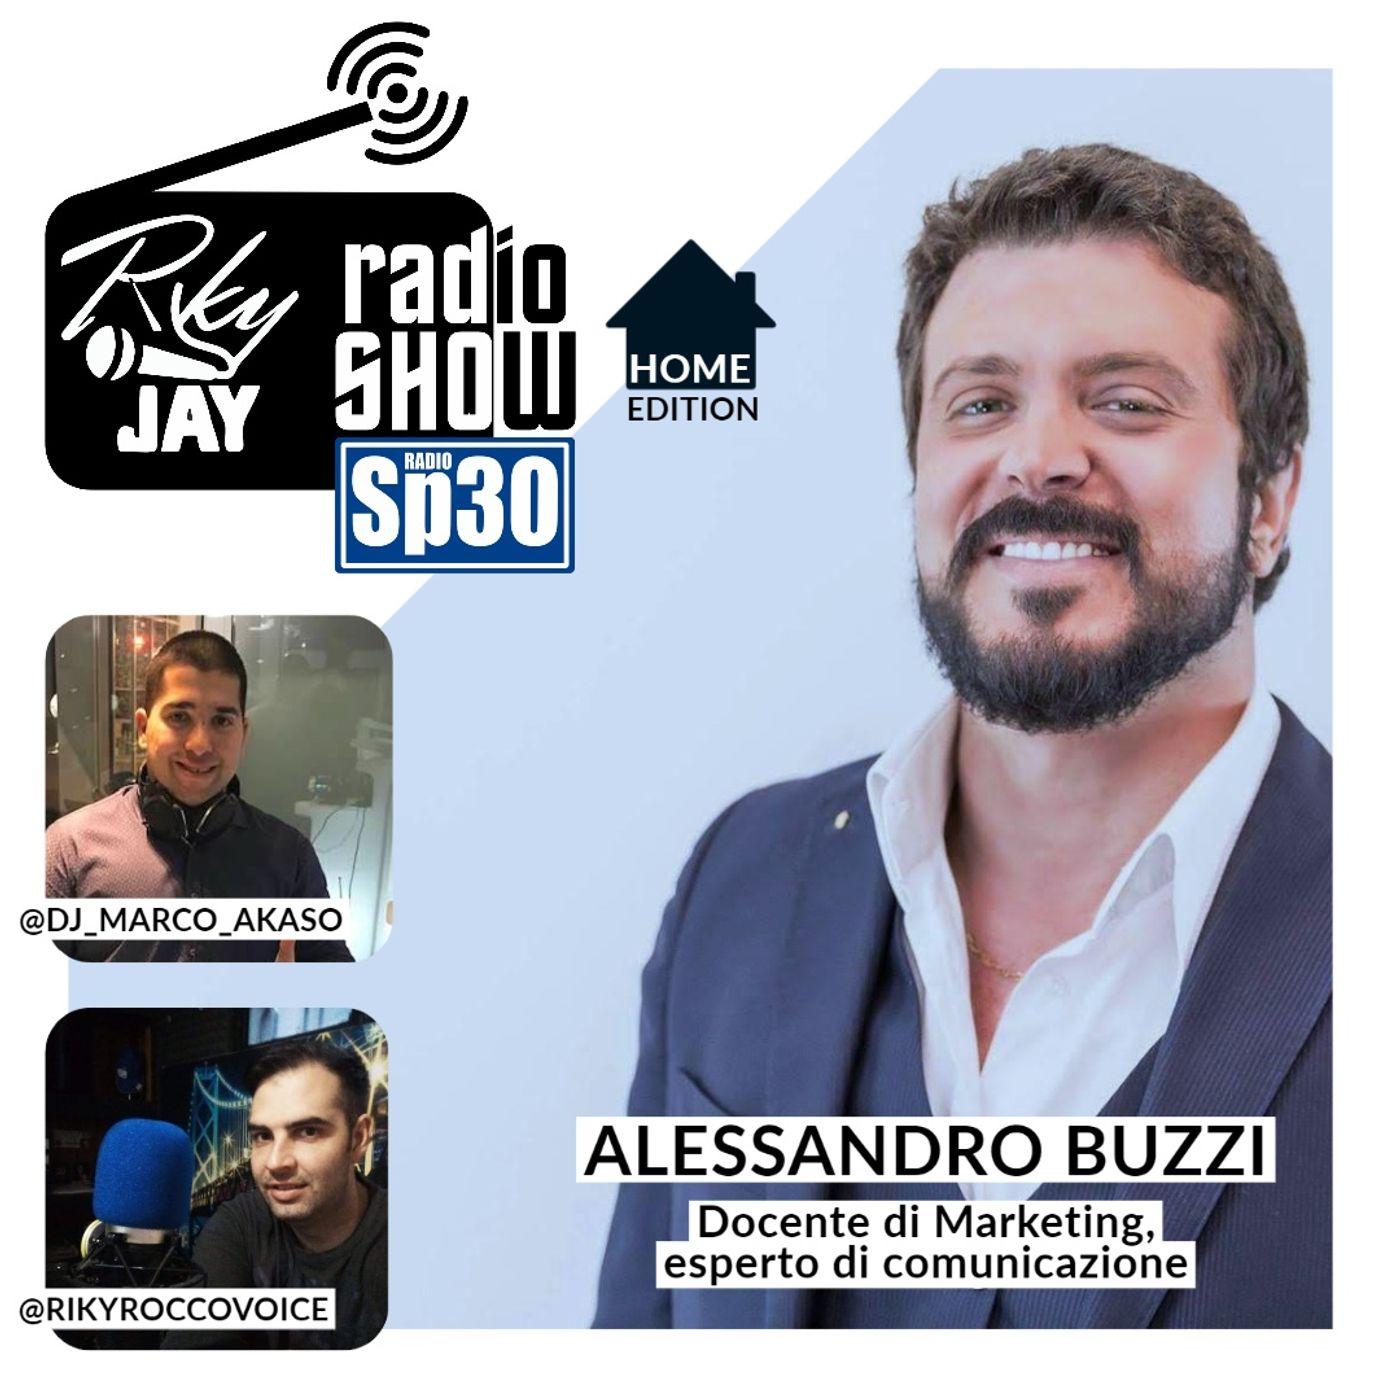 RikyJay Radio Show - #28 - Home Edition - Ospite Alessandro Buzzi